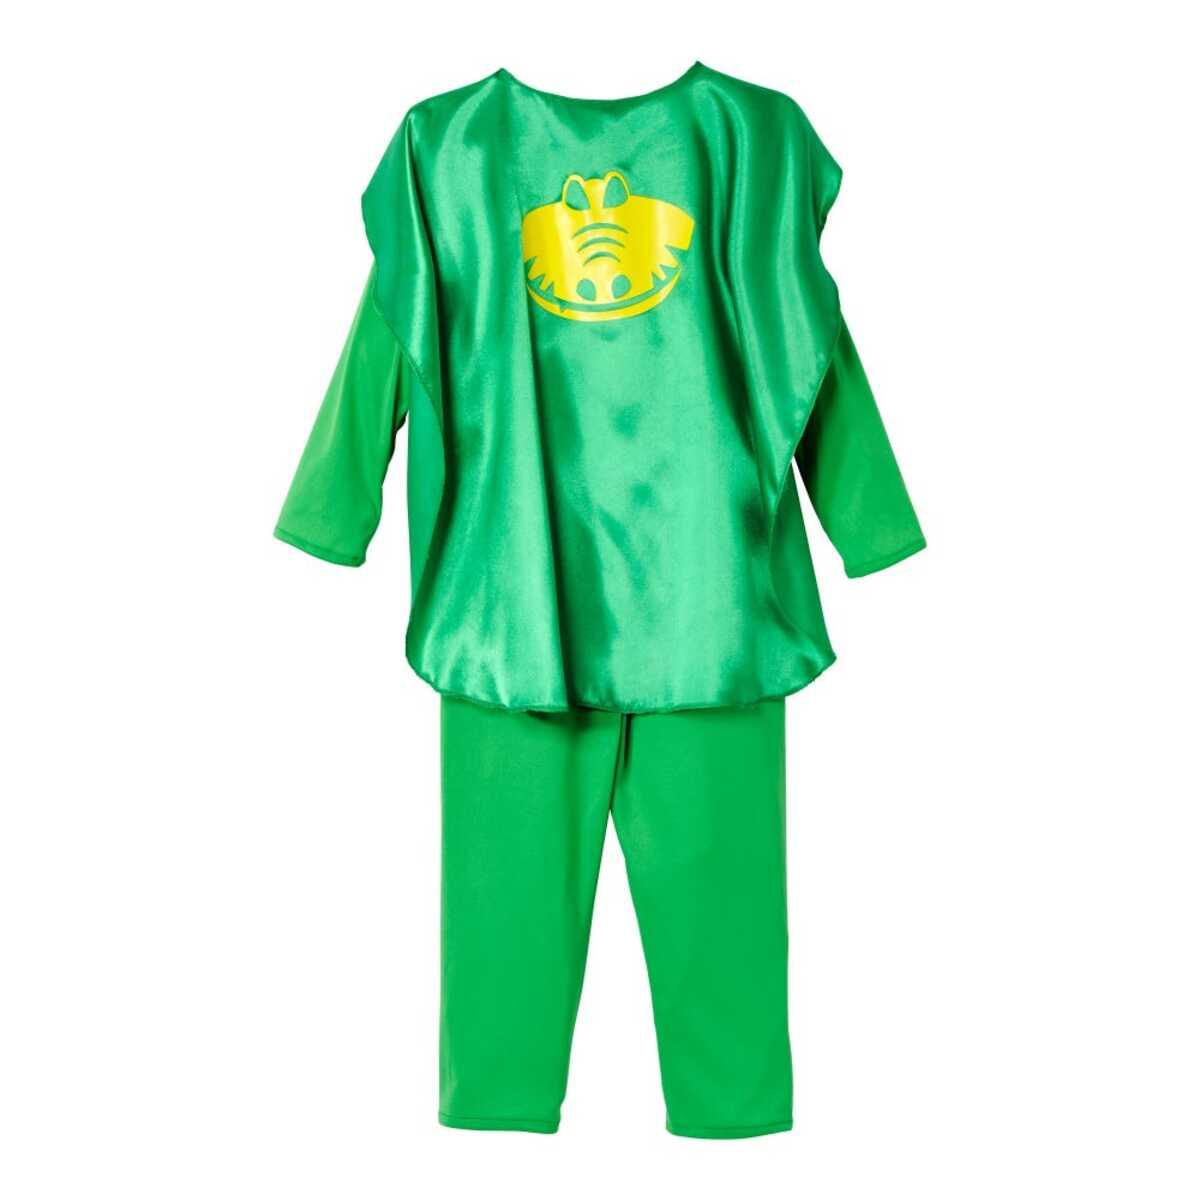 Bild 3 von Kinder-Superhelden-Kostüm mit Maske